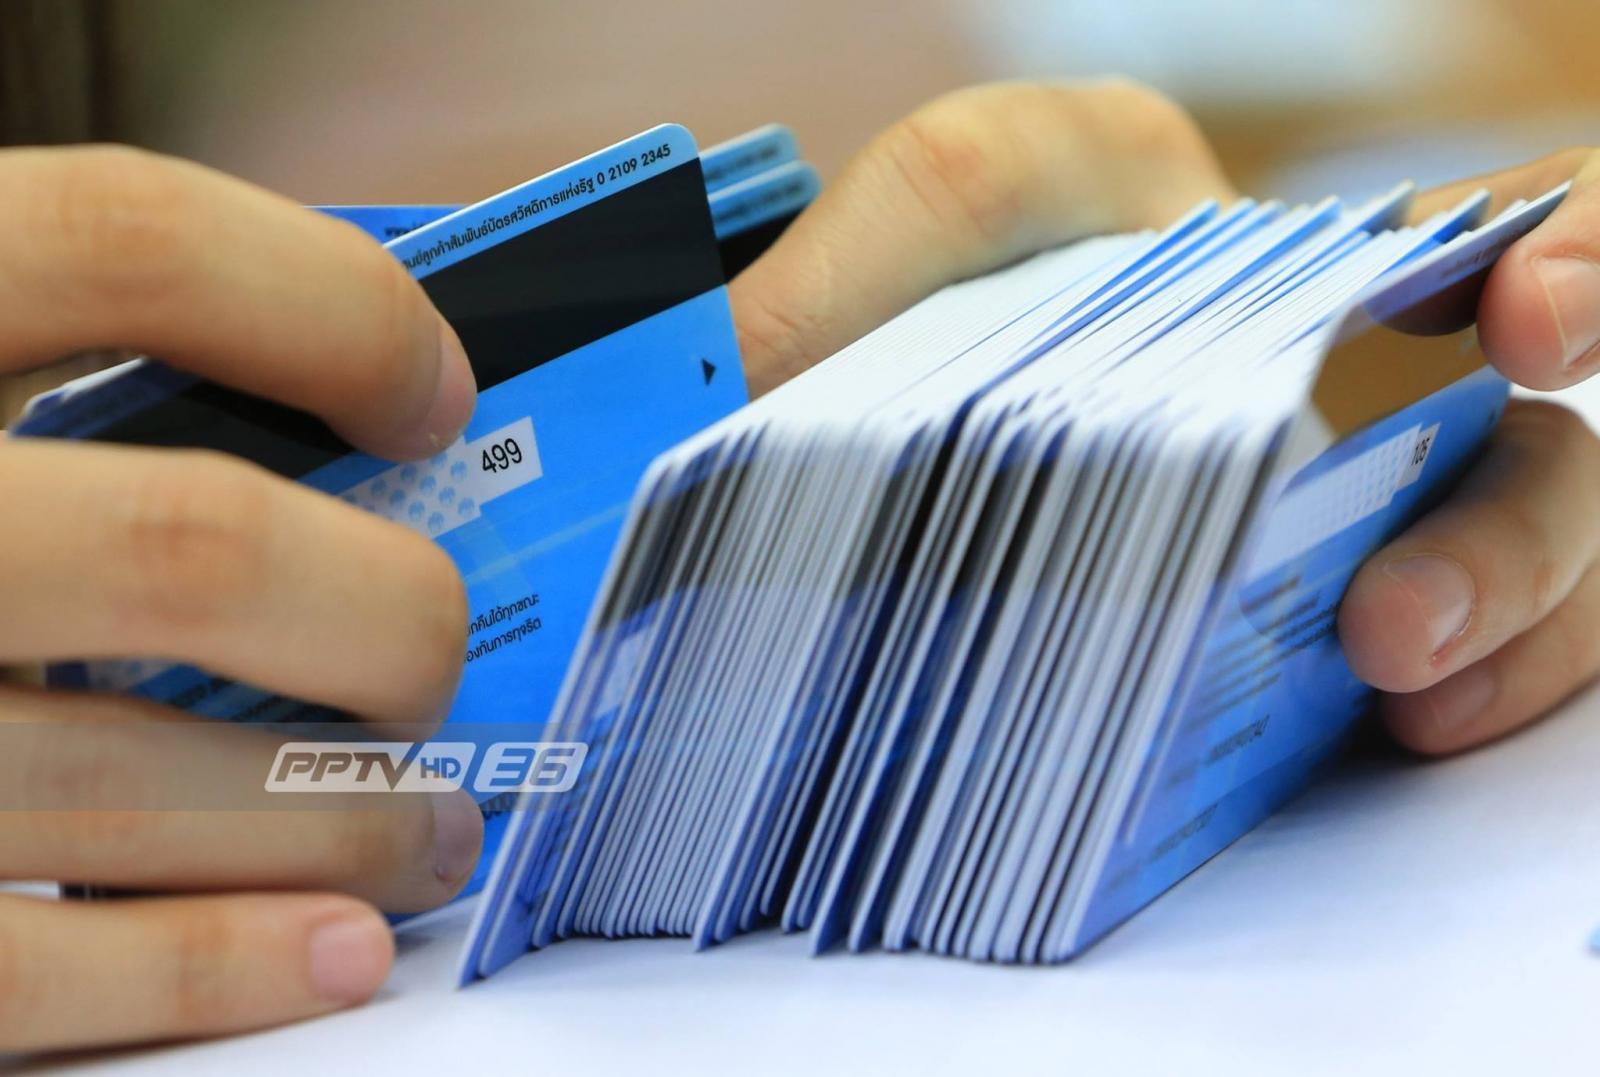 คึกคัก! แจกบัตรสวัสดิการแห่งรัฐ 7 จังหวัด คนหนุนเพิ่มเงินซื้อสินค้า